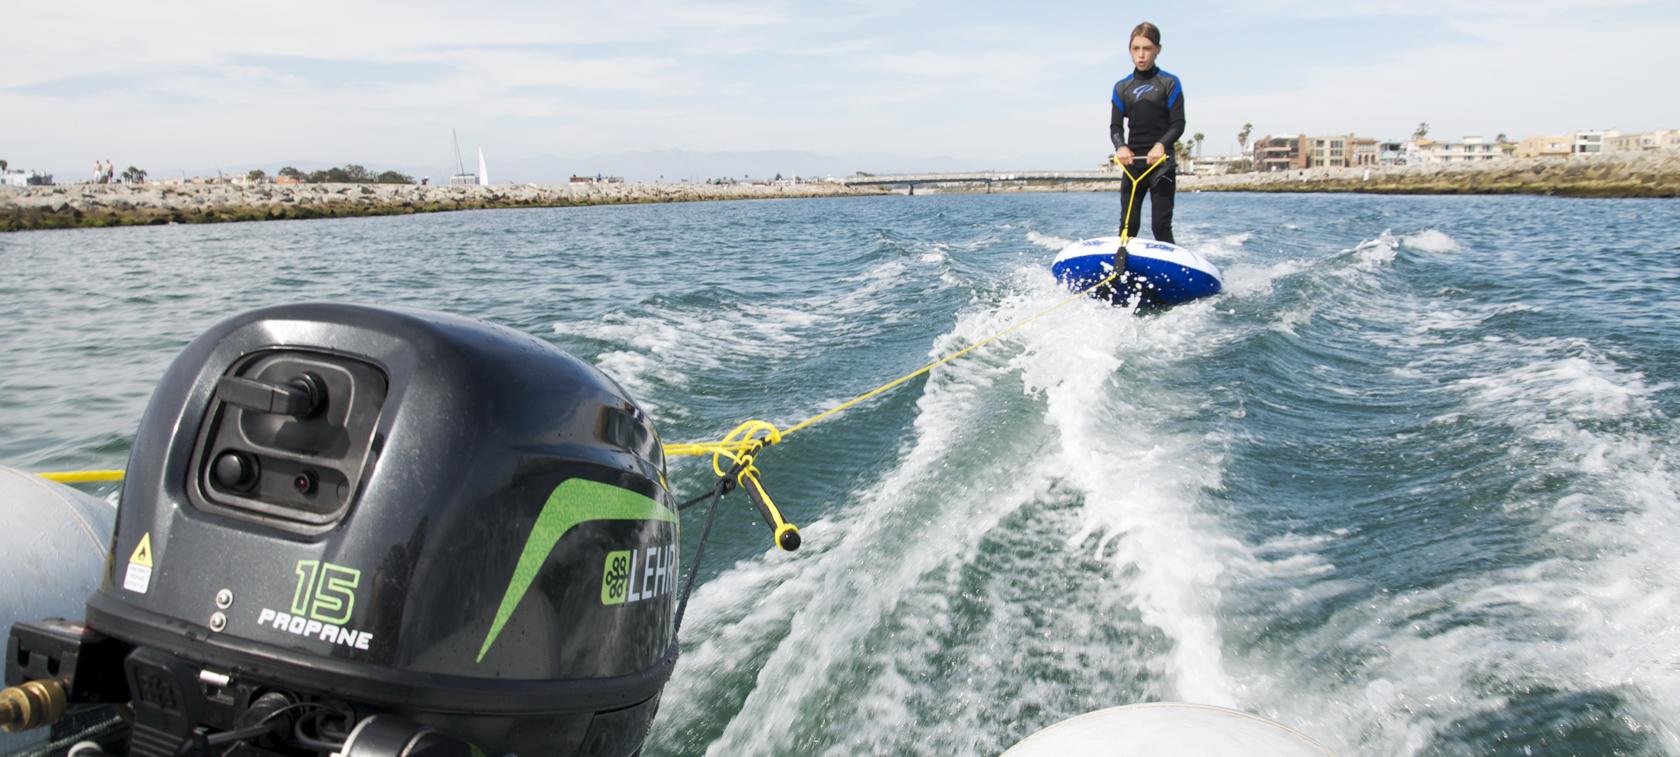 Podłączenie wody do silnika łodzi